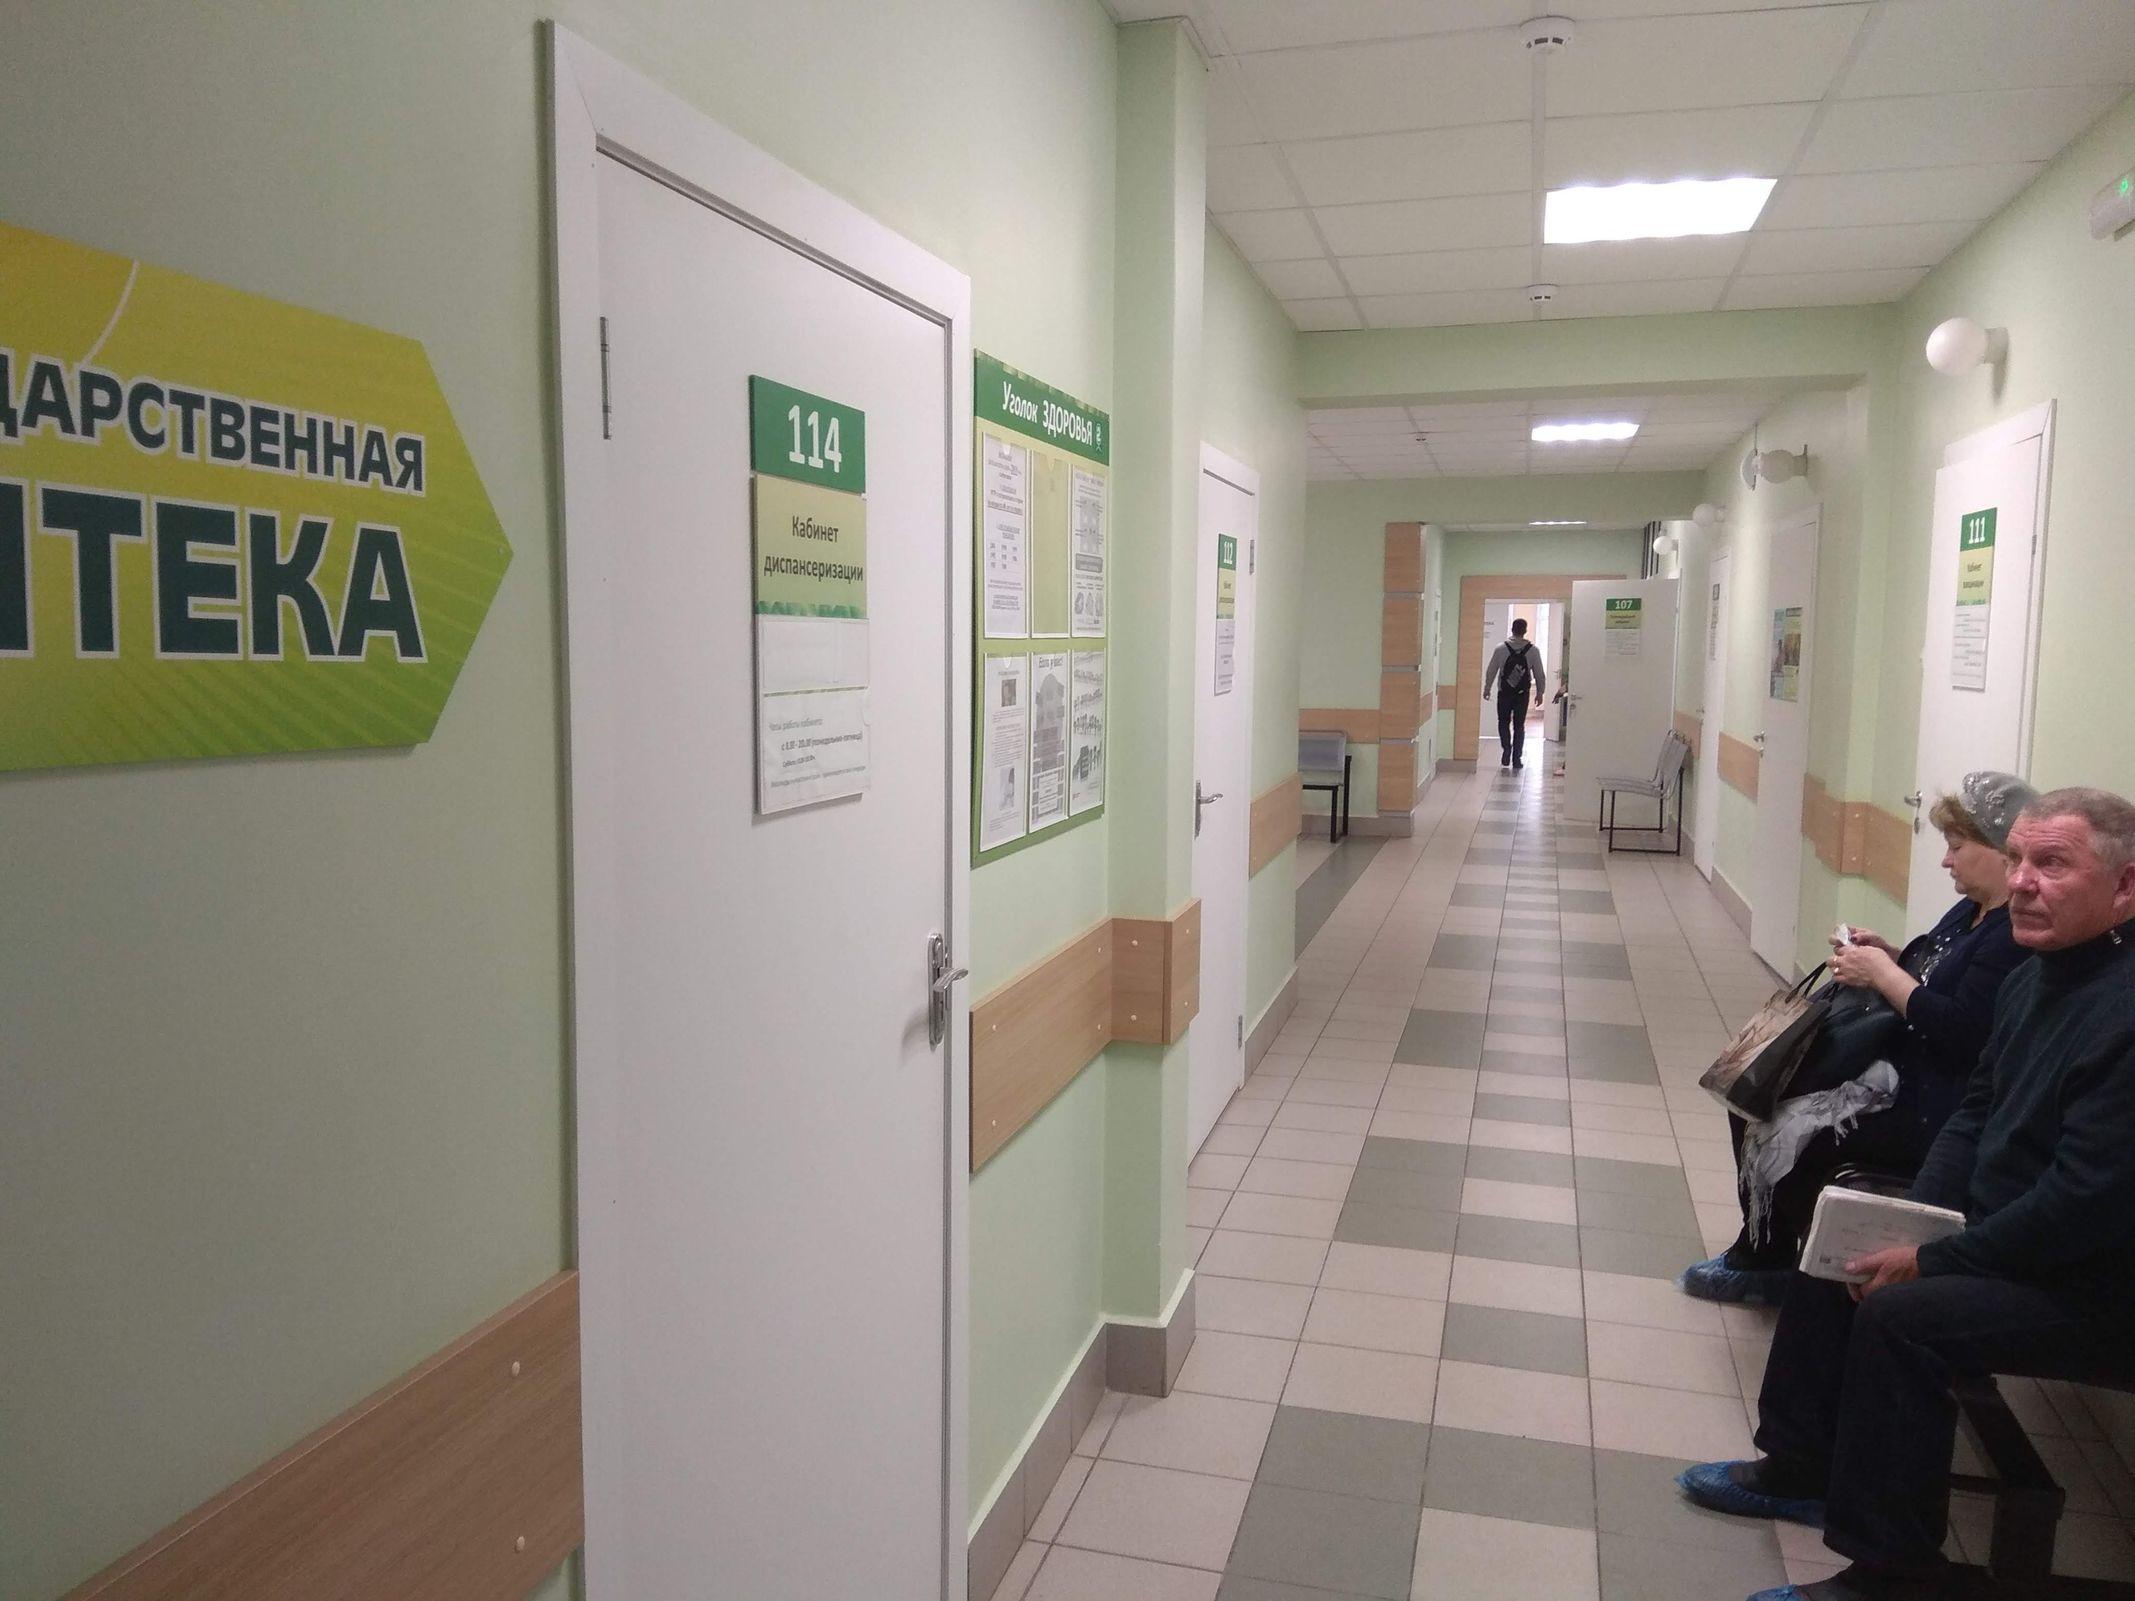 Ярославцы, переболевшие ковидом, пройдут углубленную диспансеризацию